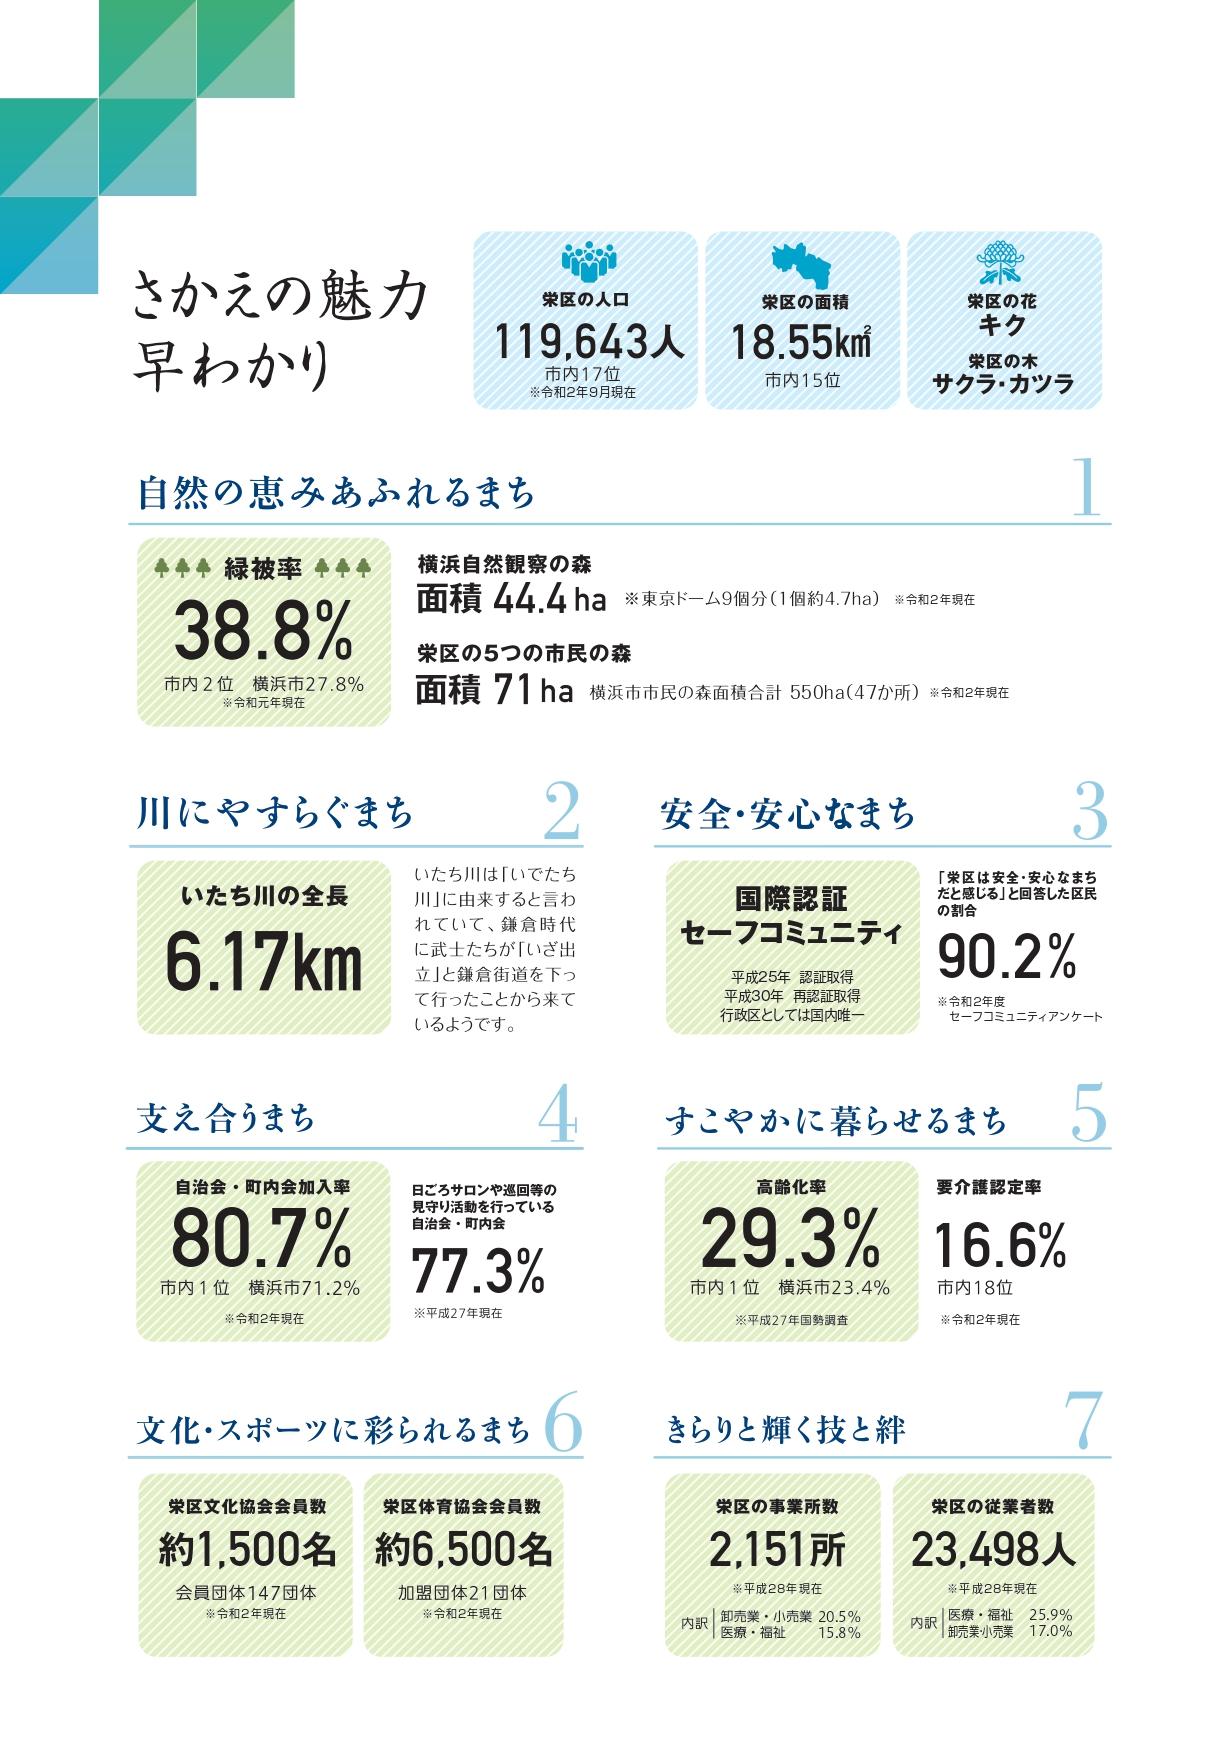 Vol.6 栄区の魅力を数字でご紹介!